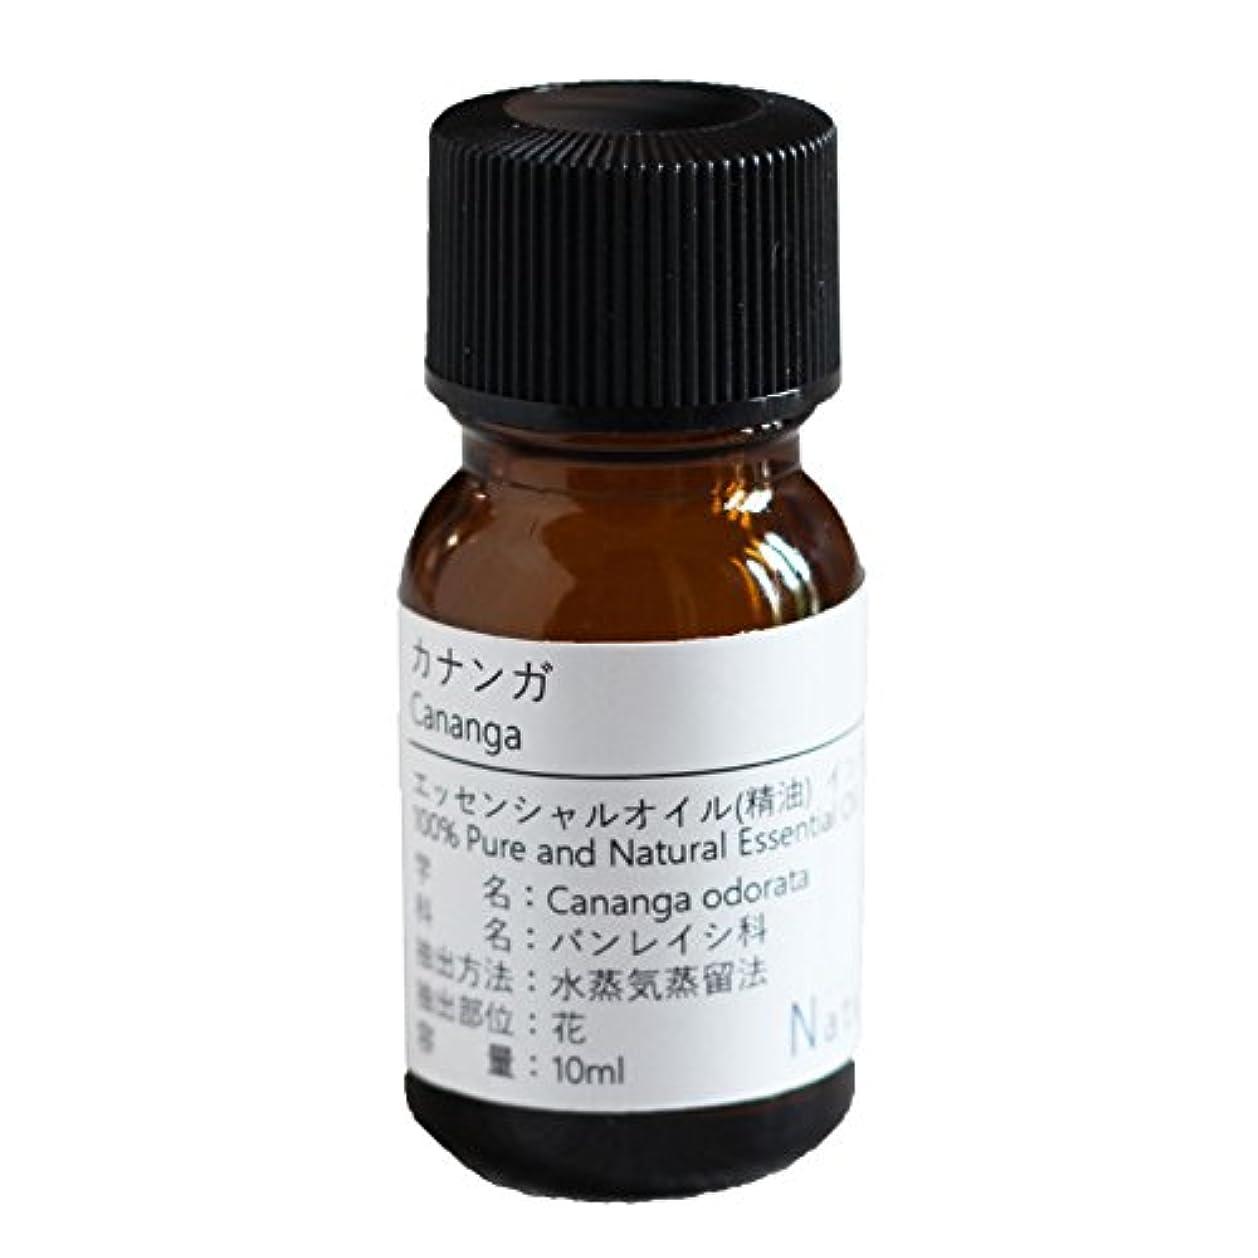 原稿タイマーキルスNatural蒼 カナンガ/エッセンシャルオイル 精油天然100% (30ml)